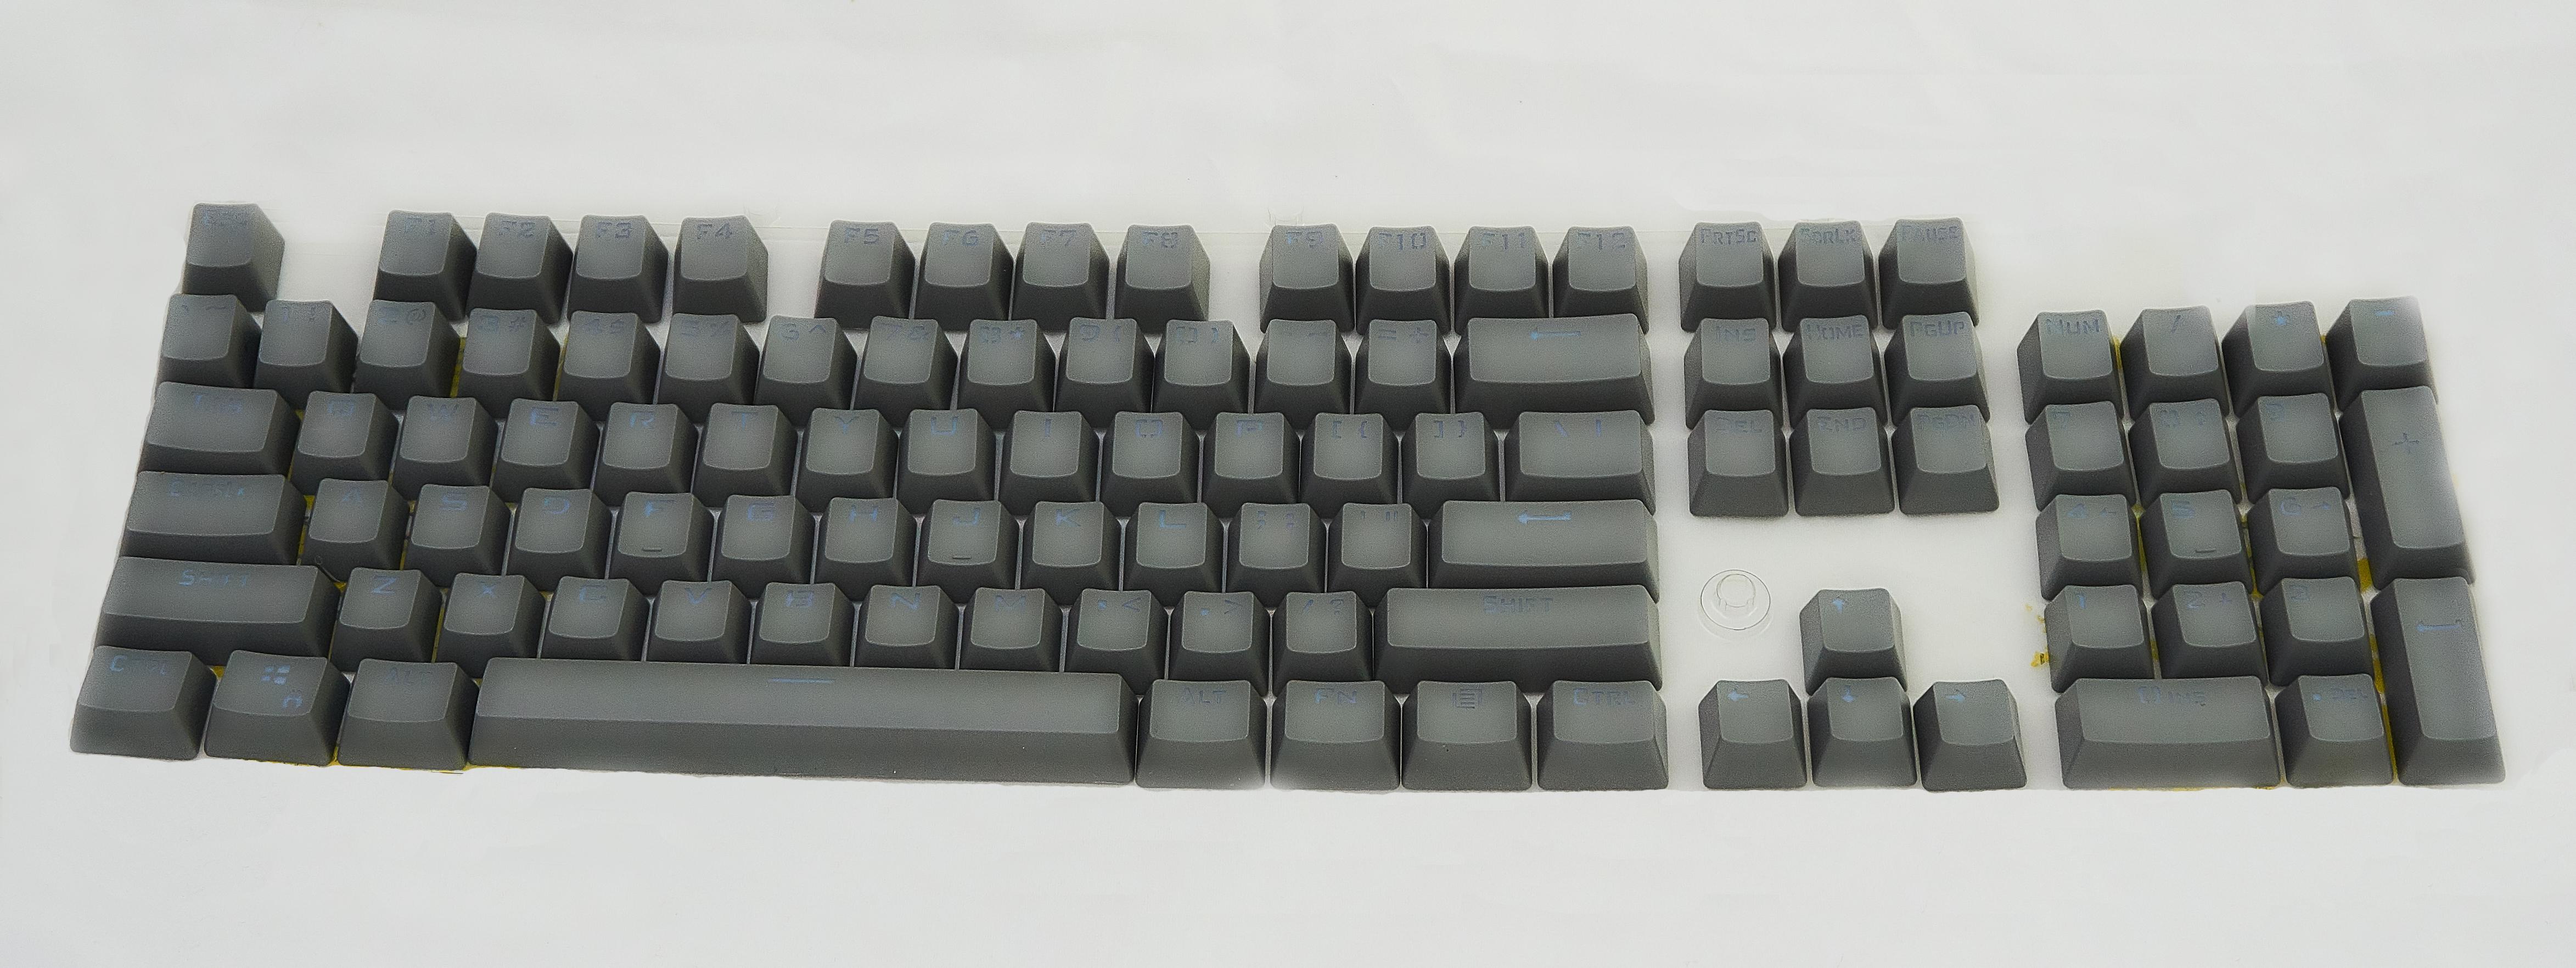 Keycap Cinza Escuro Tecla para Teclado Mecânico